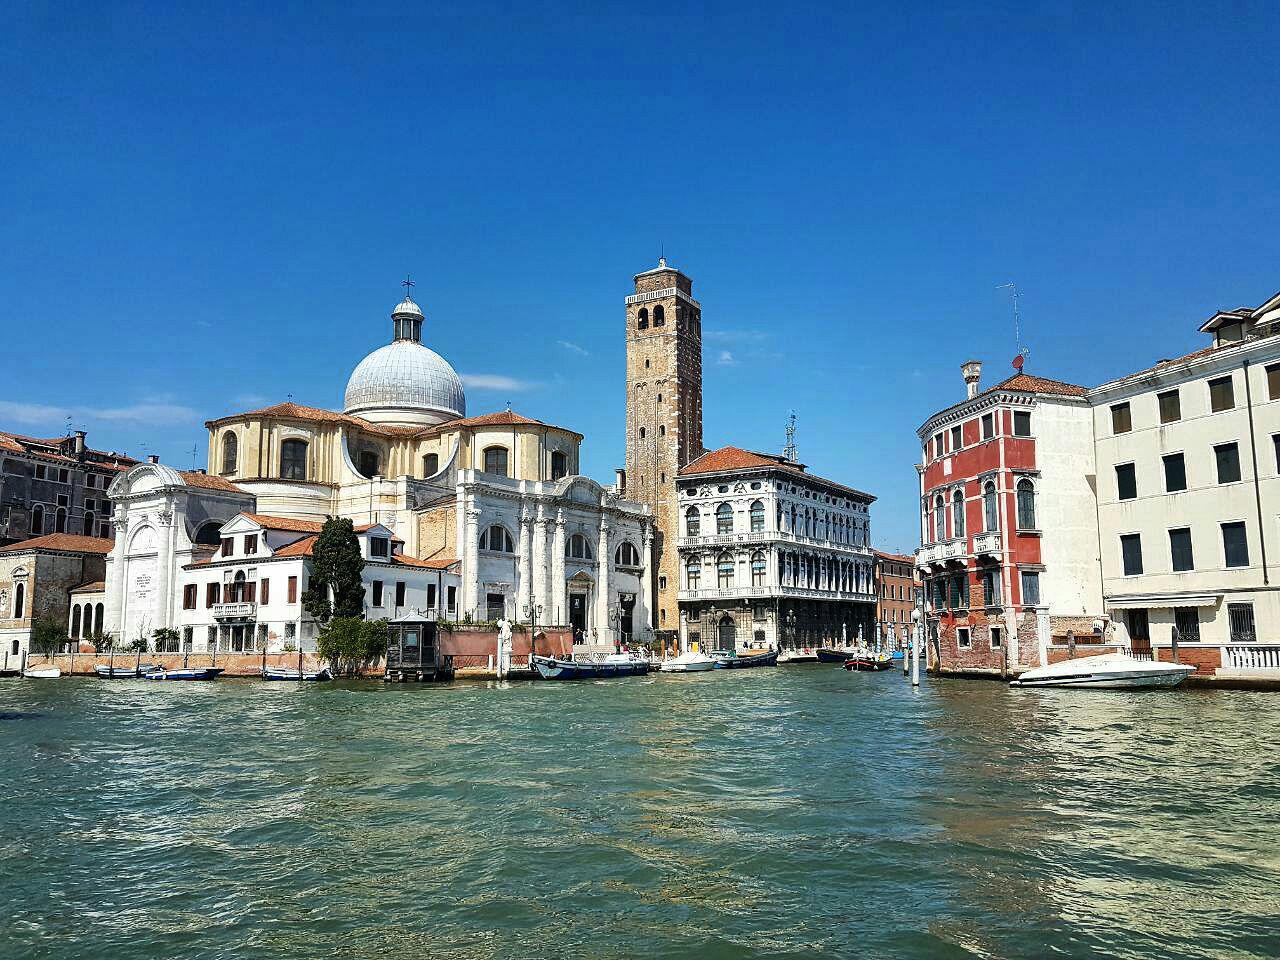 Гранд канал, Венеция, Италия. Август, 2018